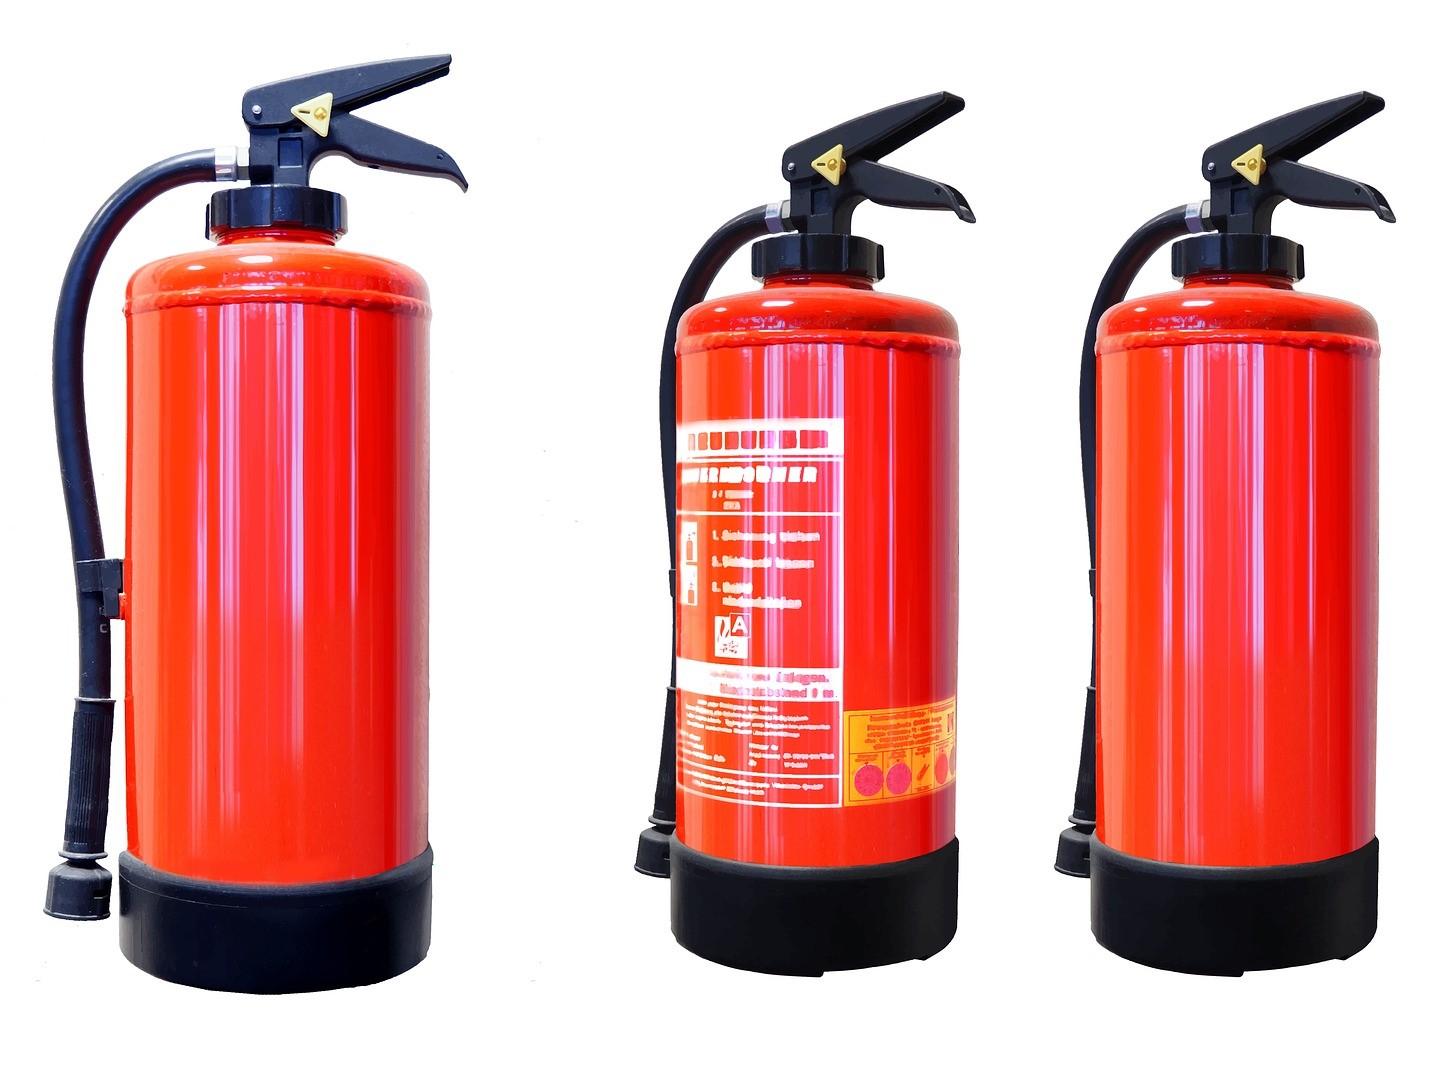 Jakédomácnosti musí mít ze zákona hasicí přístroj, a jak vybrat ten správný?